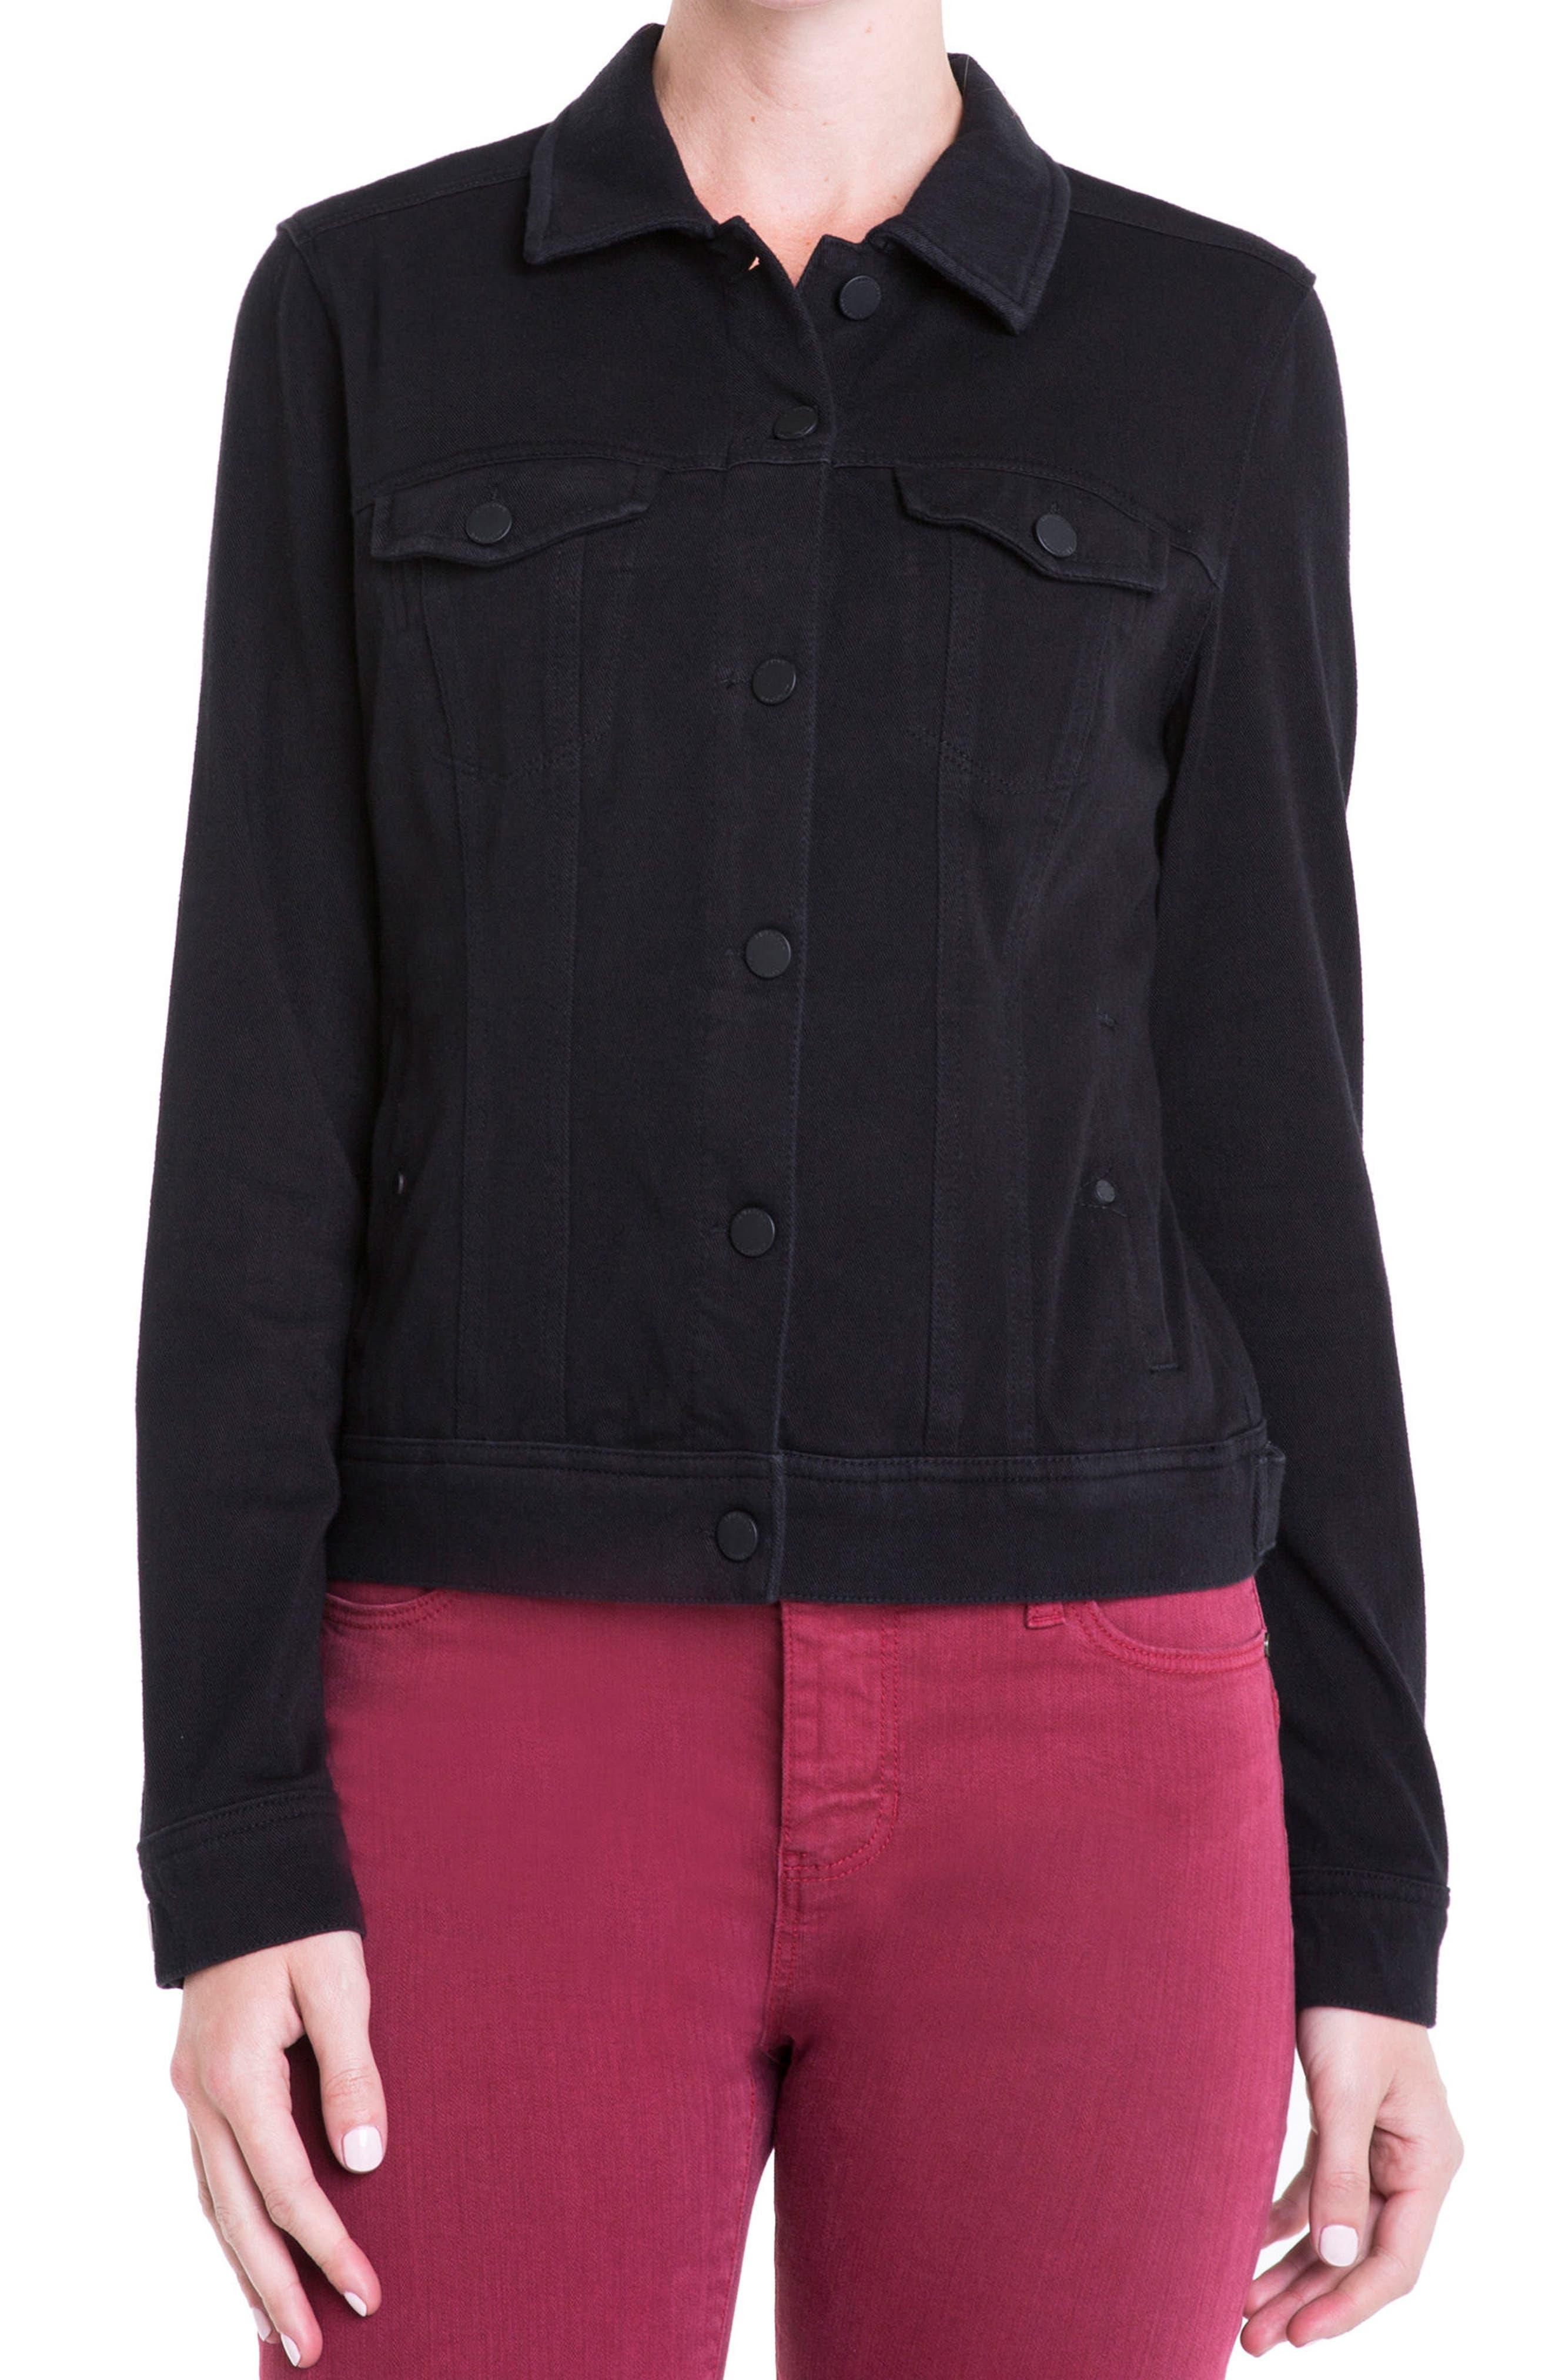 Jeans Co. Knit Denim Jacket,                             Main thumbnail 1, color,                             001